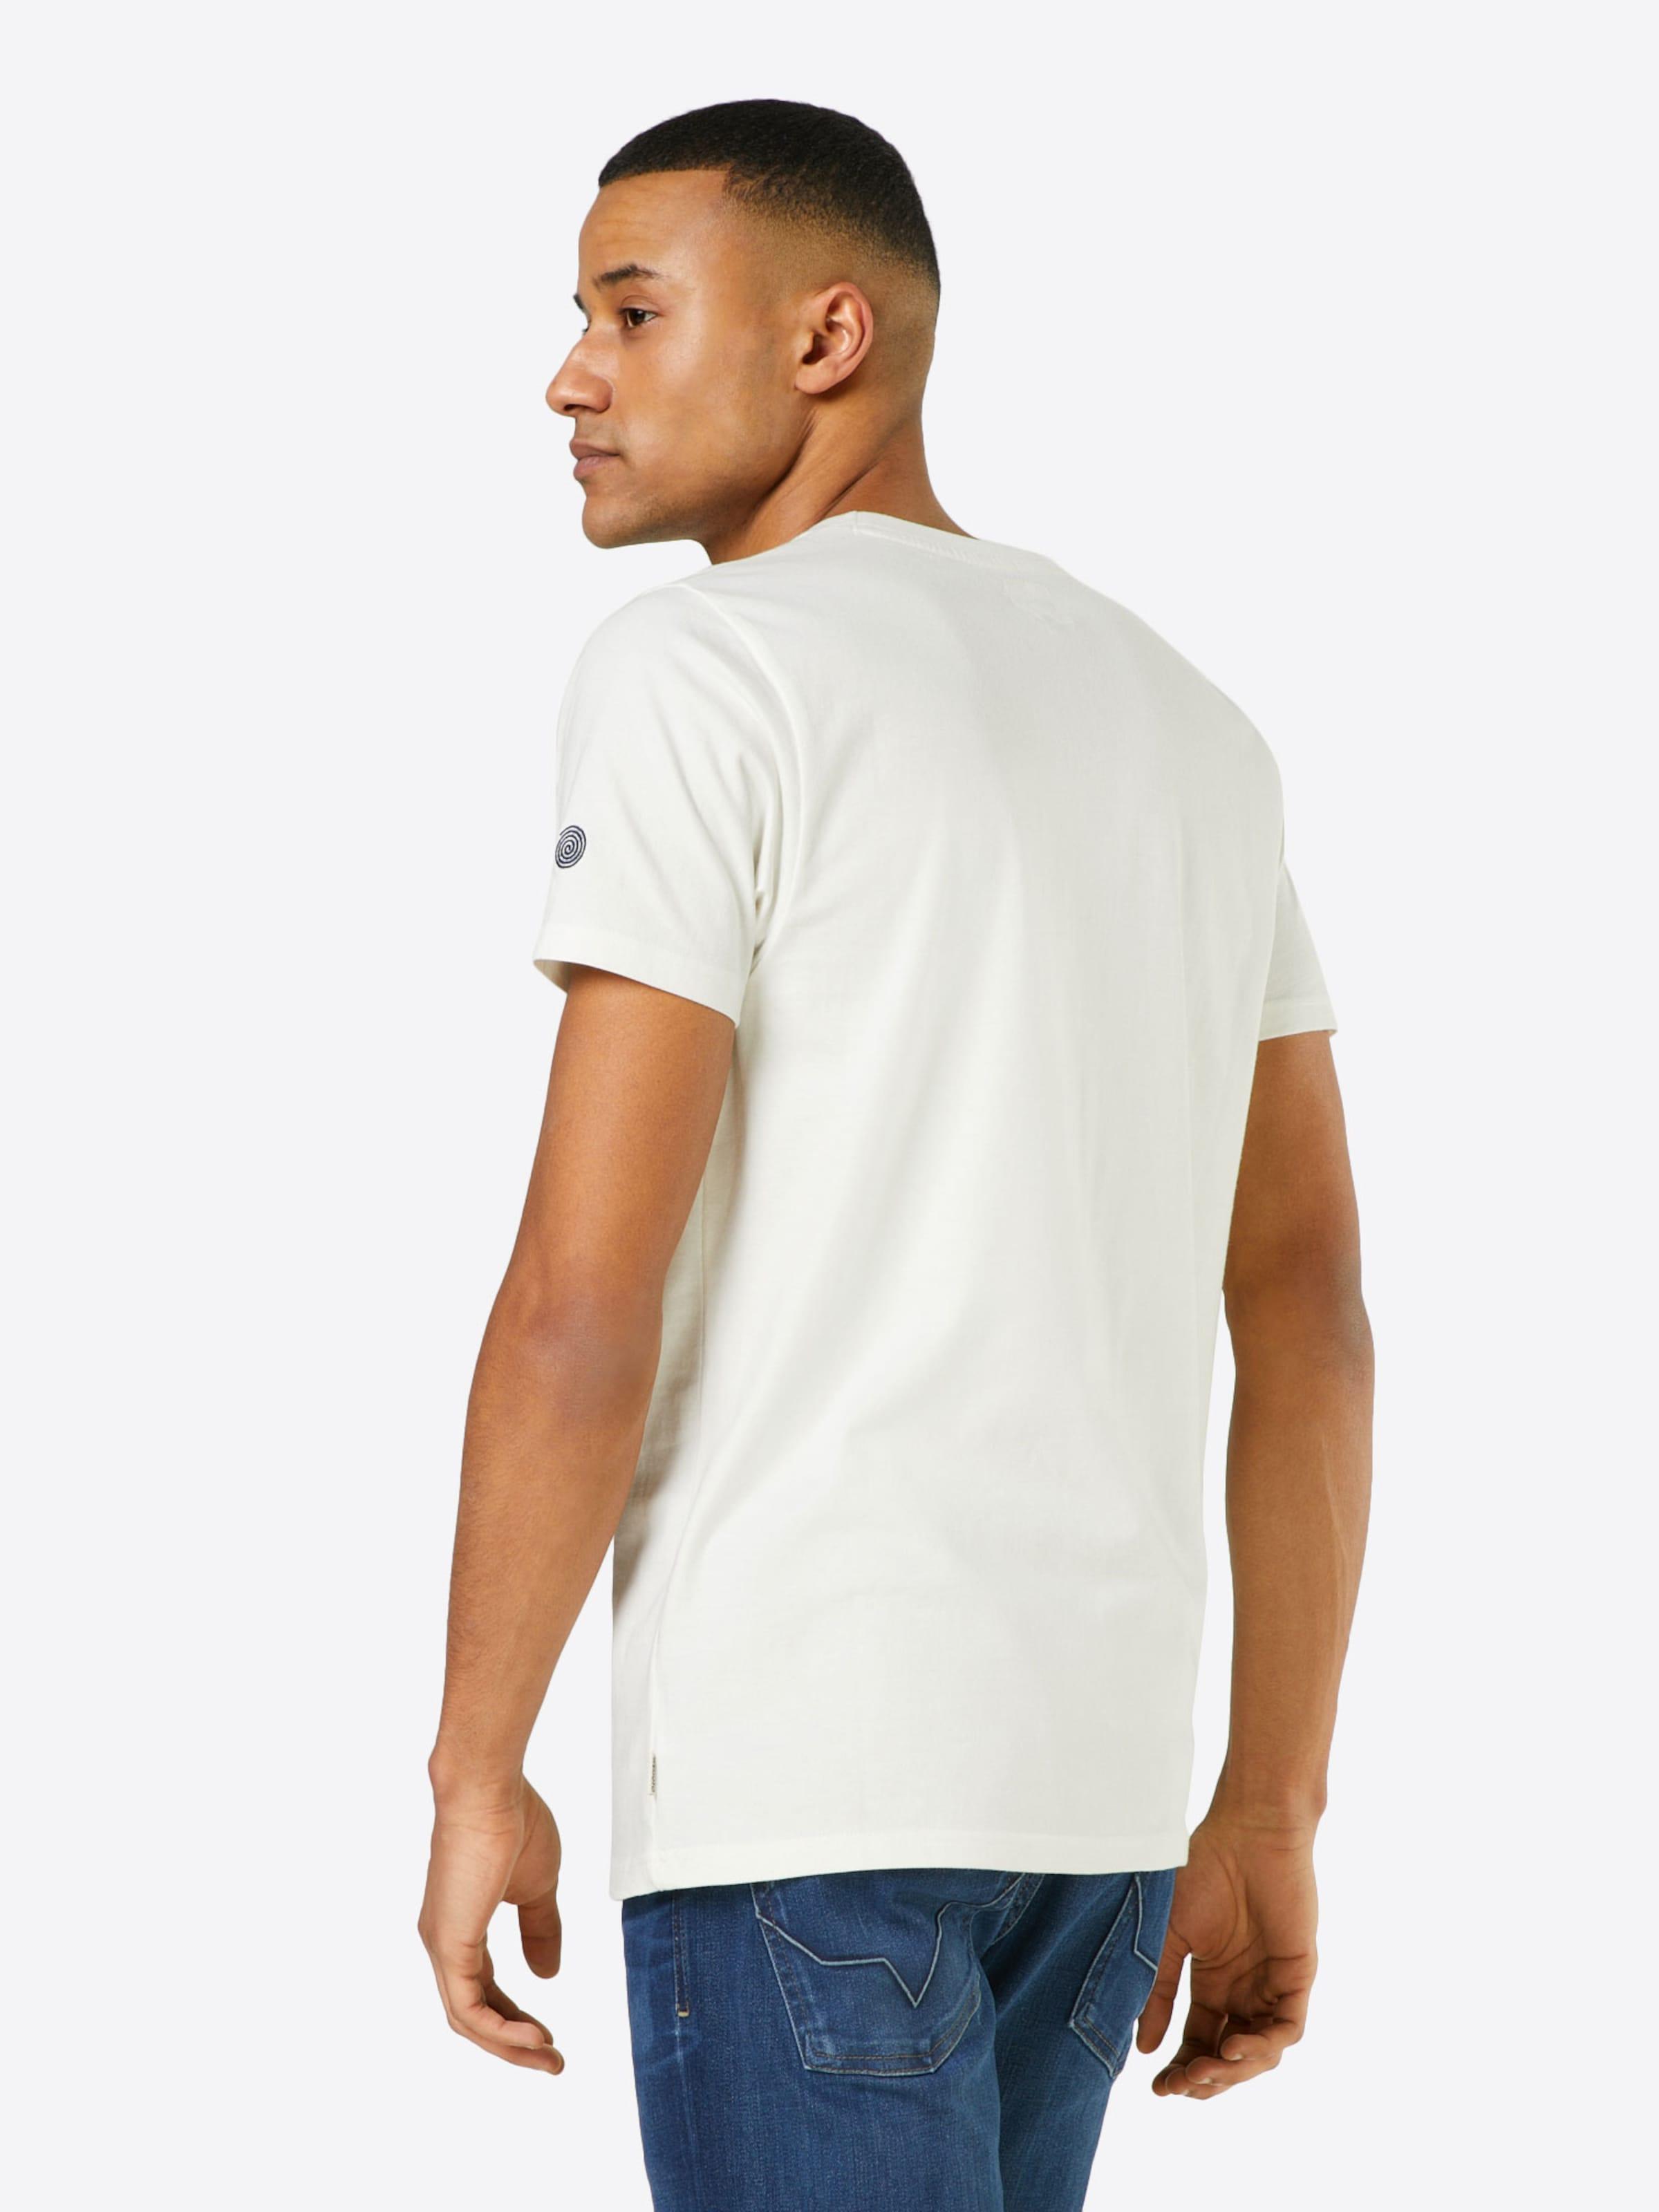 Wemoto Shirt mit Stitching Wahl NGEi8q